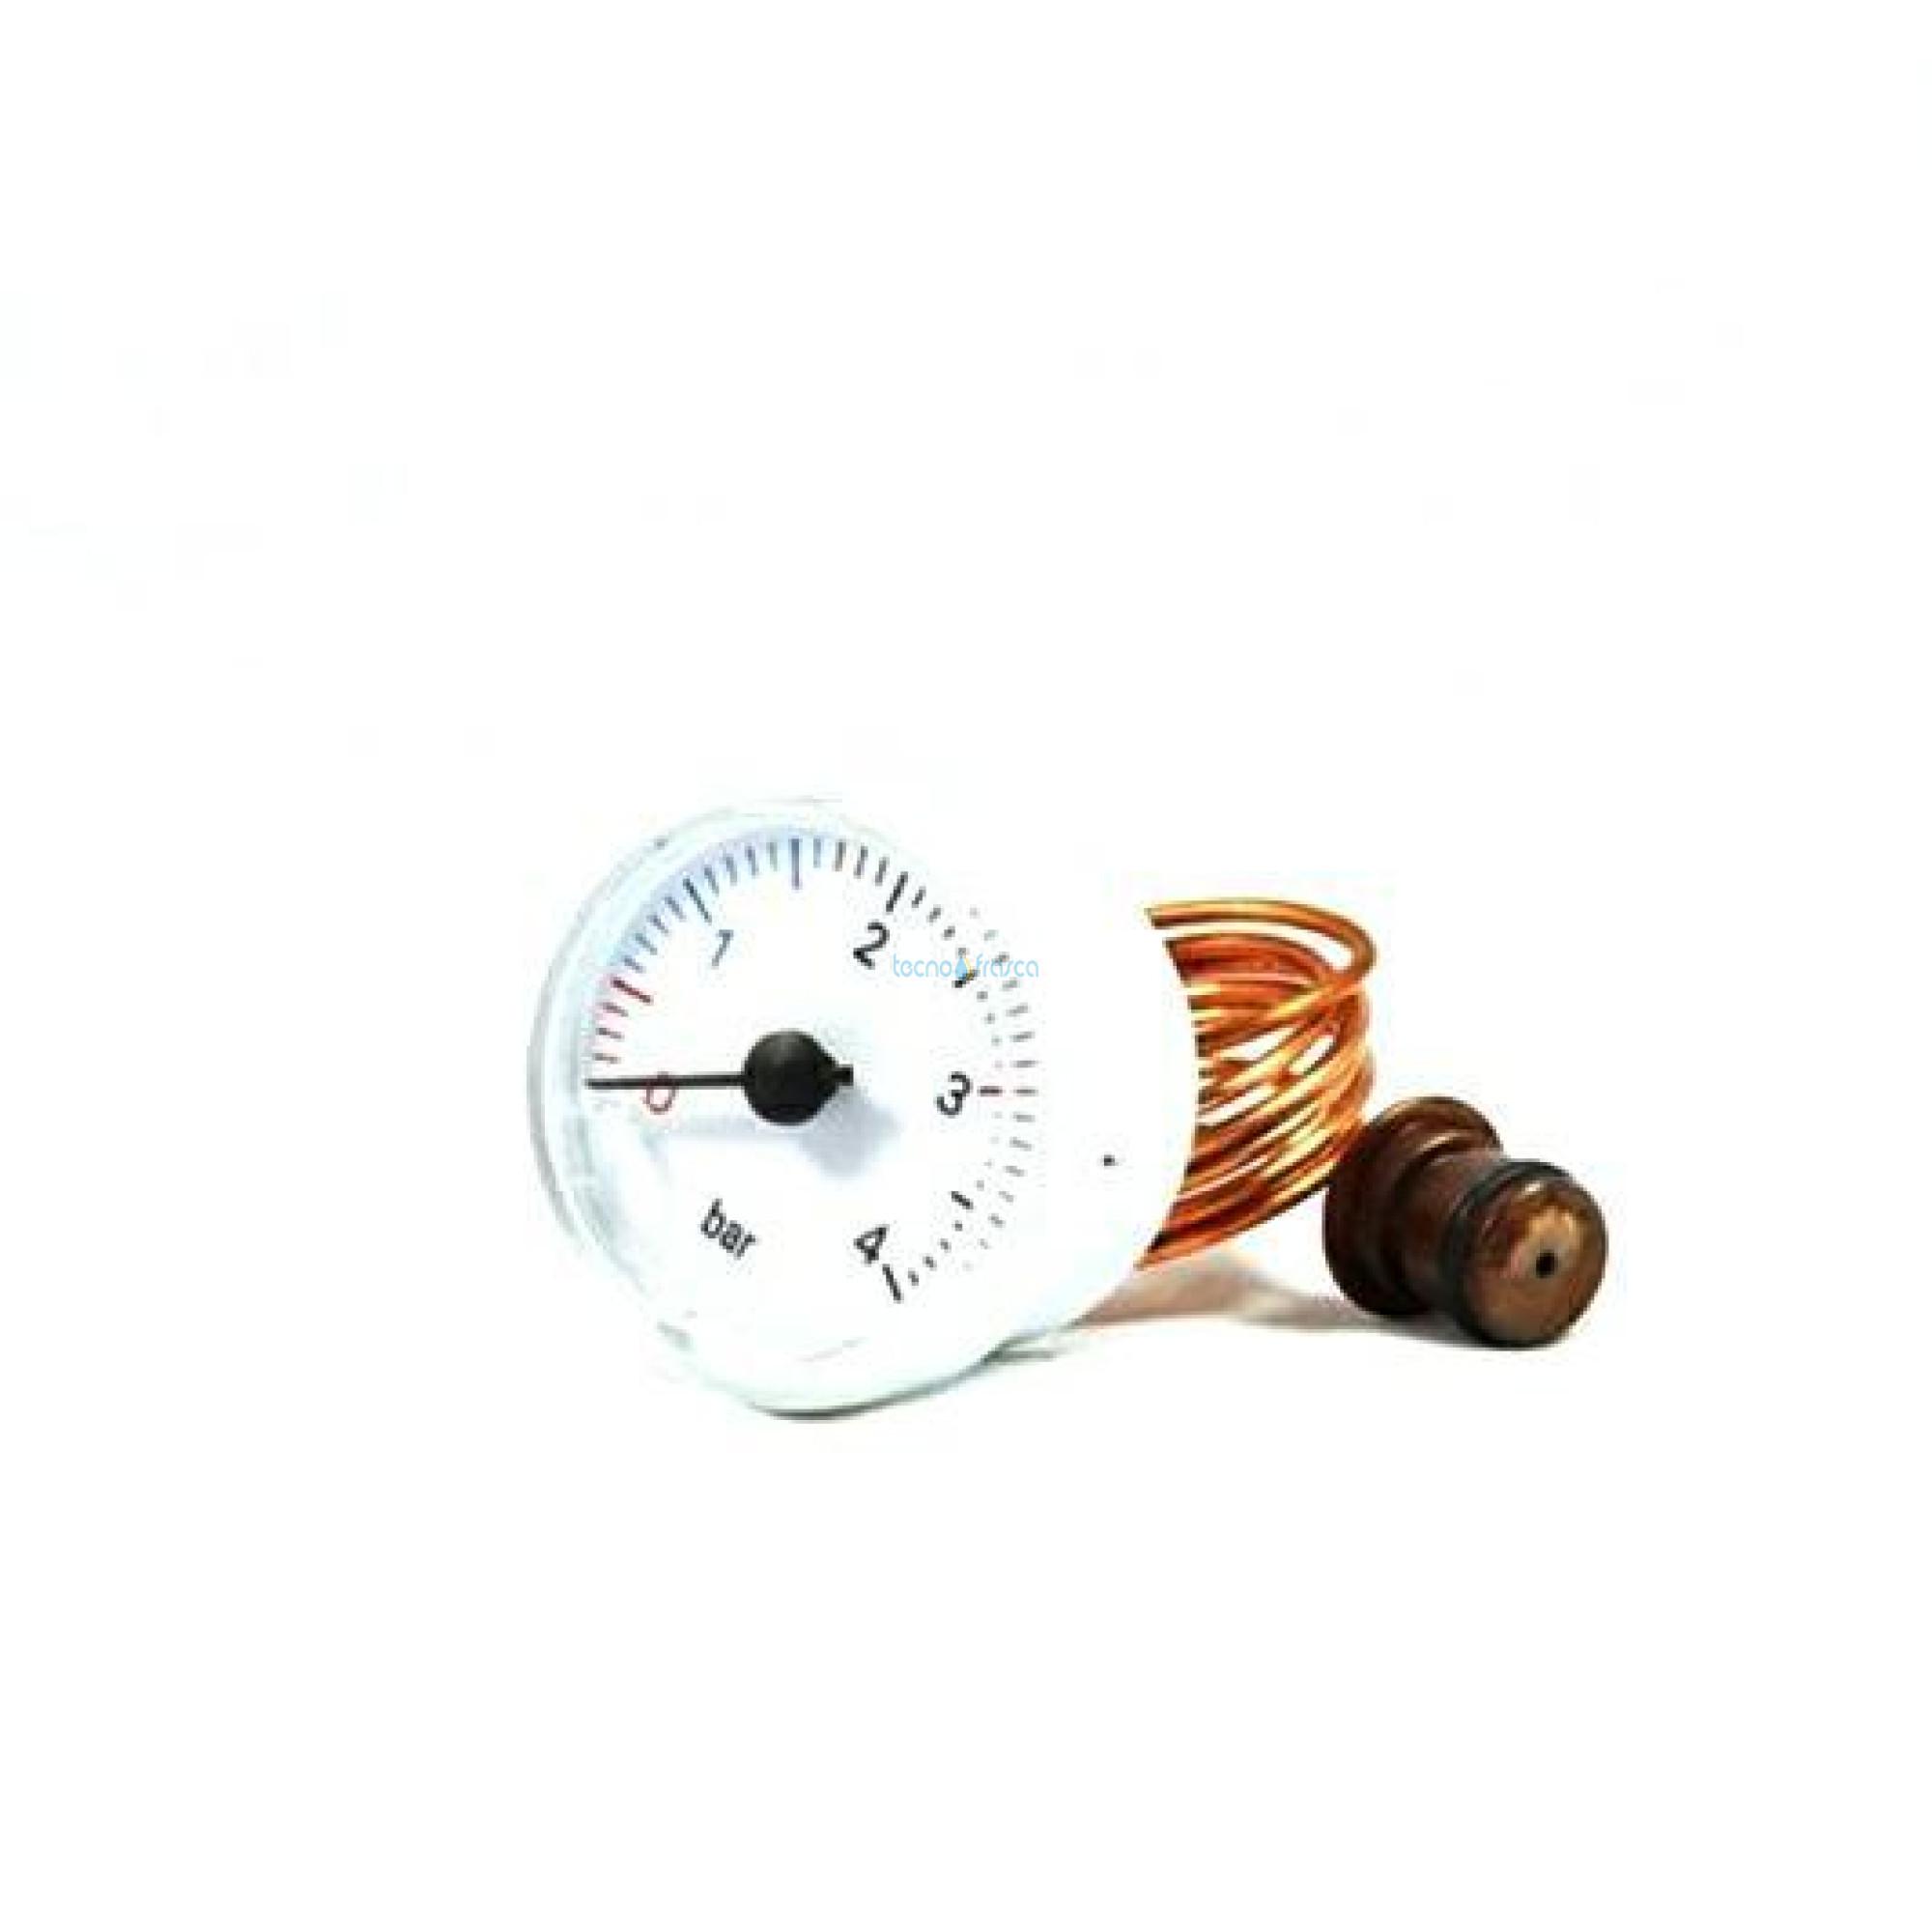 Beretta idrometro d40 0-4bar bianco r2564